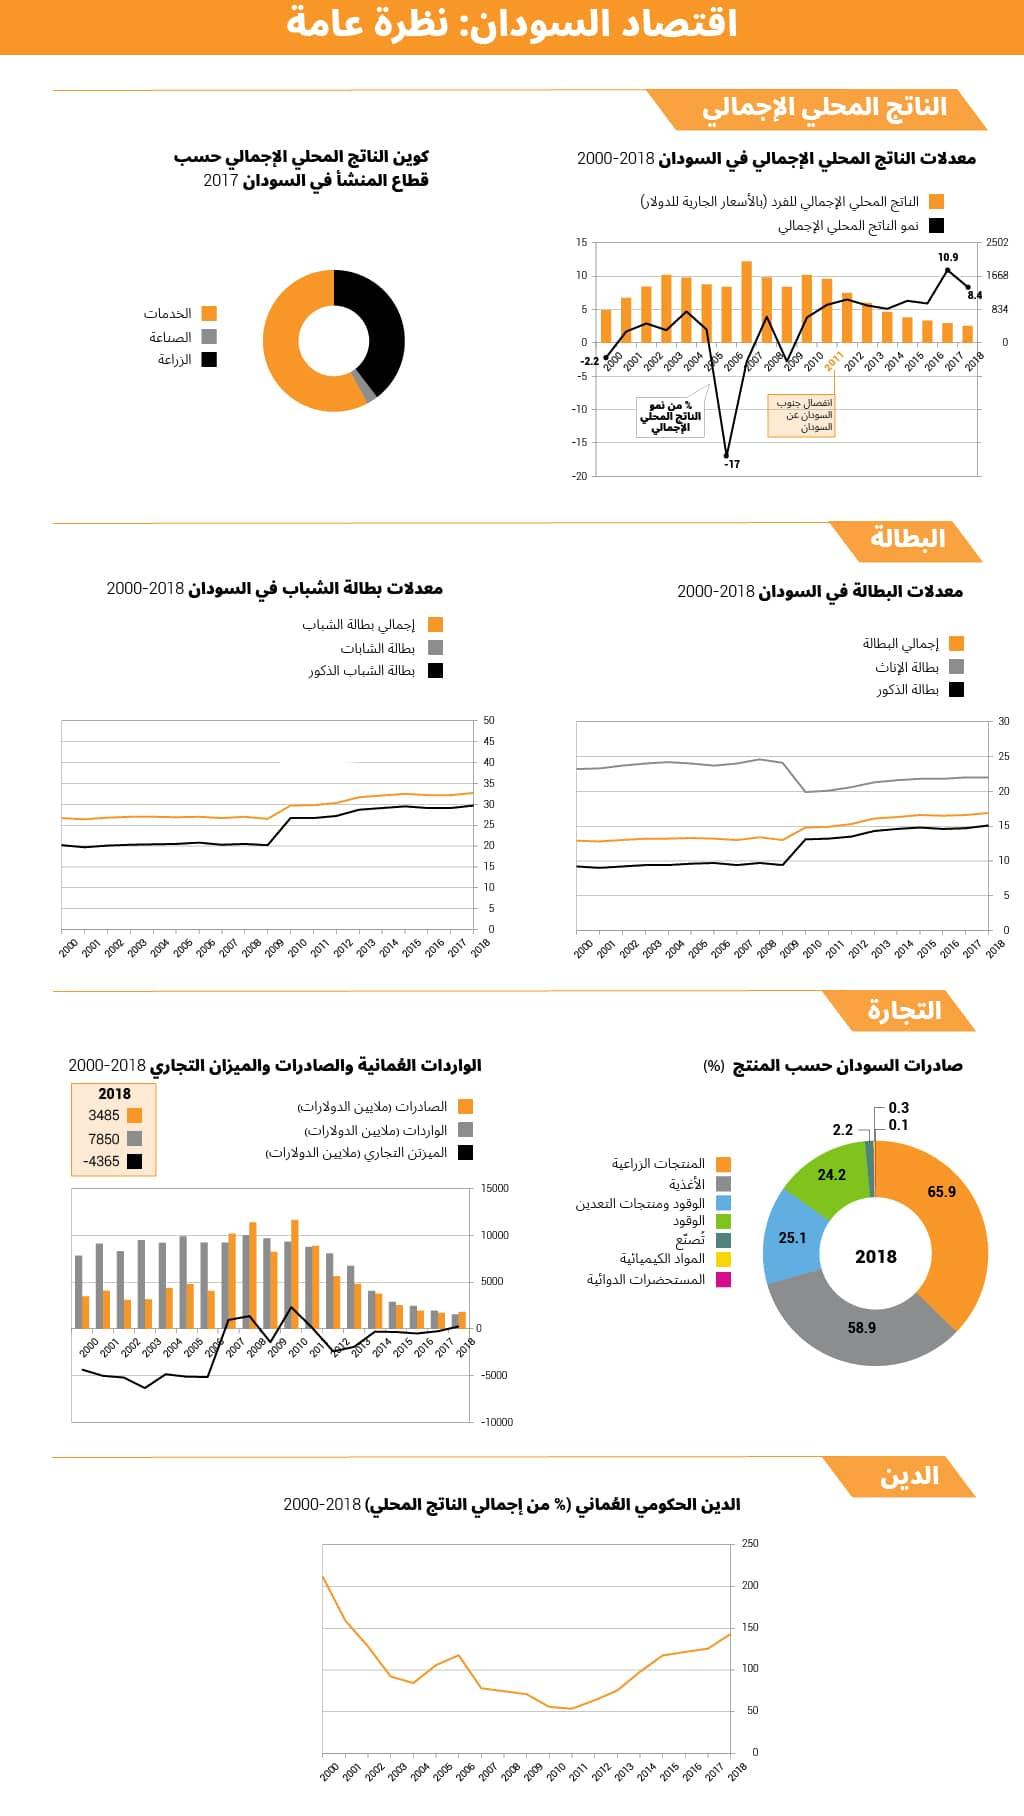 اقتصاد السودان